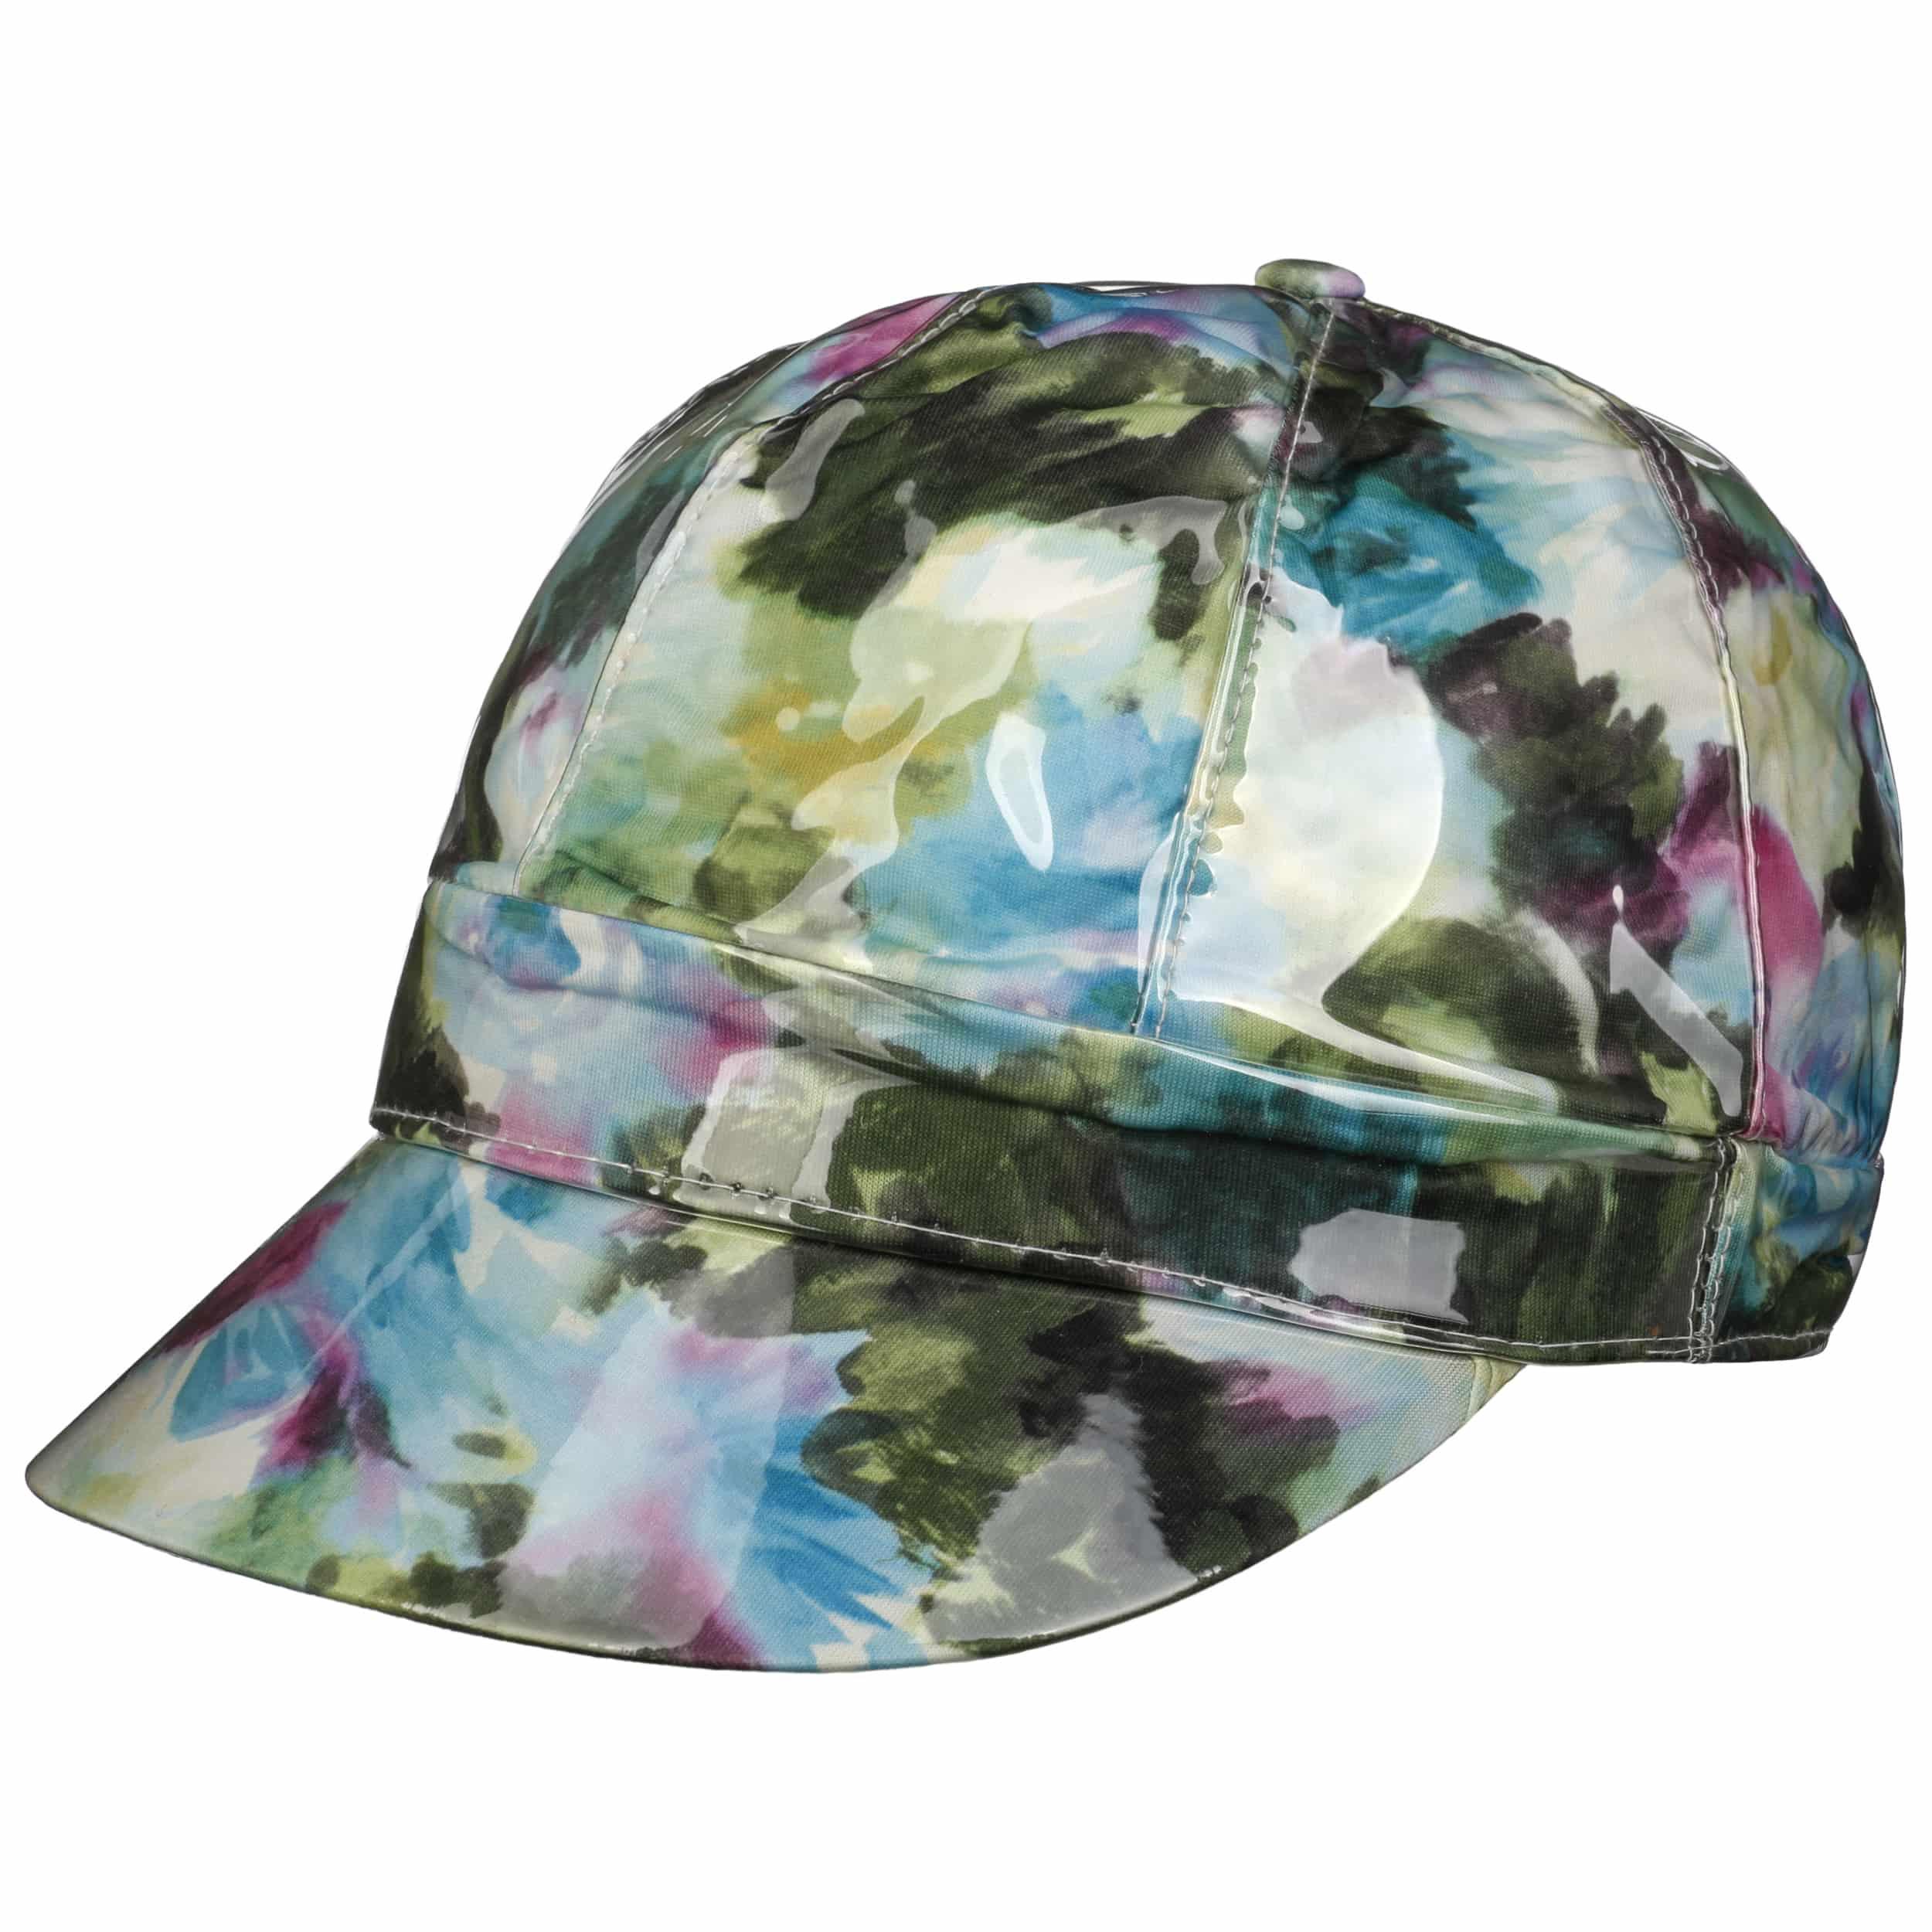 Gorra Let´s Rain Bakerboy by McBURN - Gorros - sombreroshop.es 7bef5eadedd